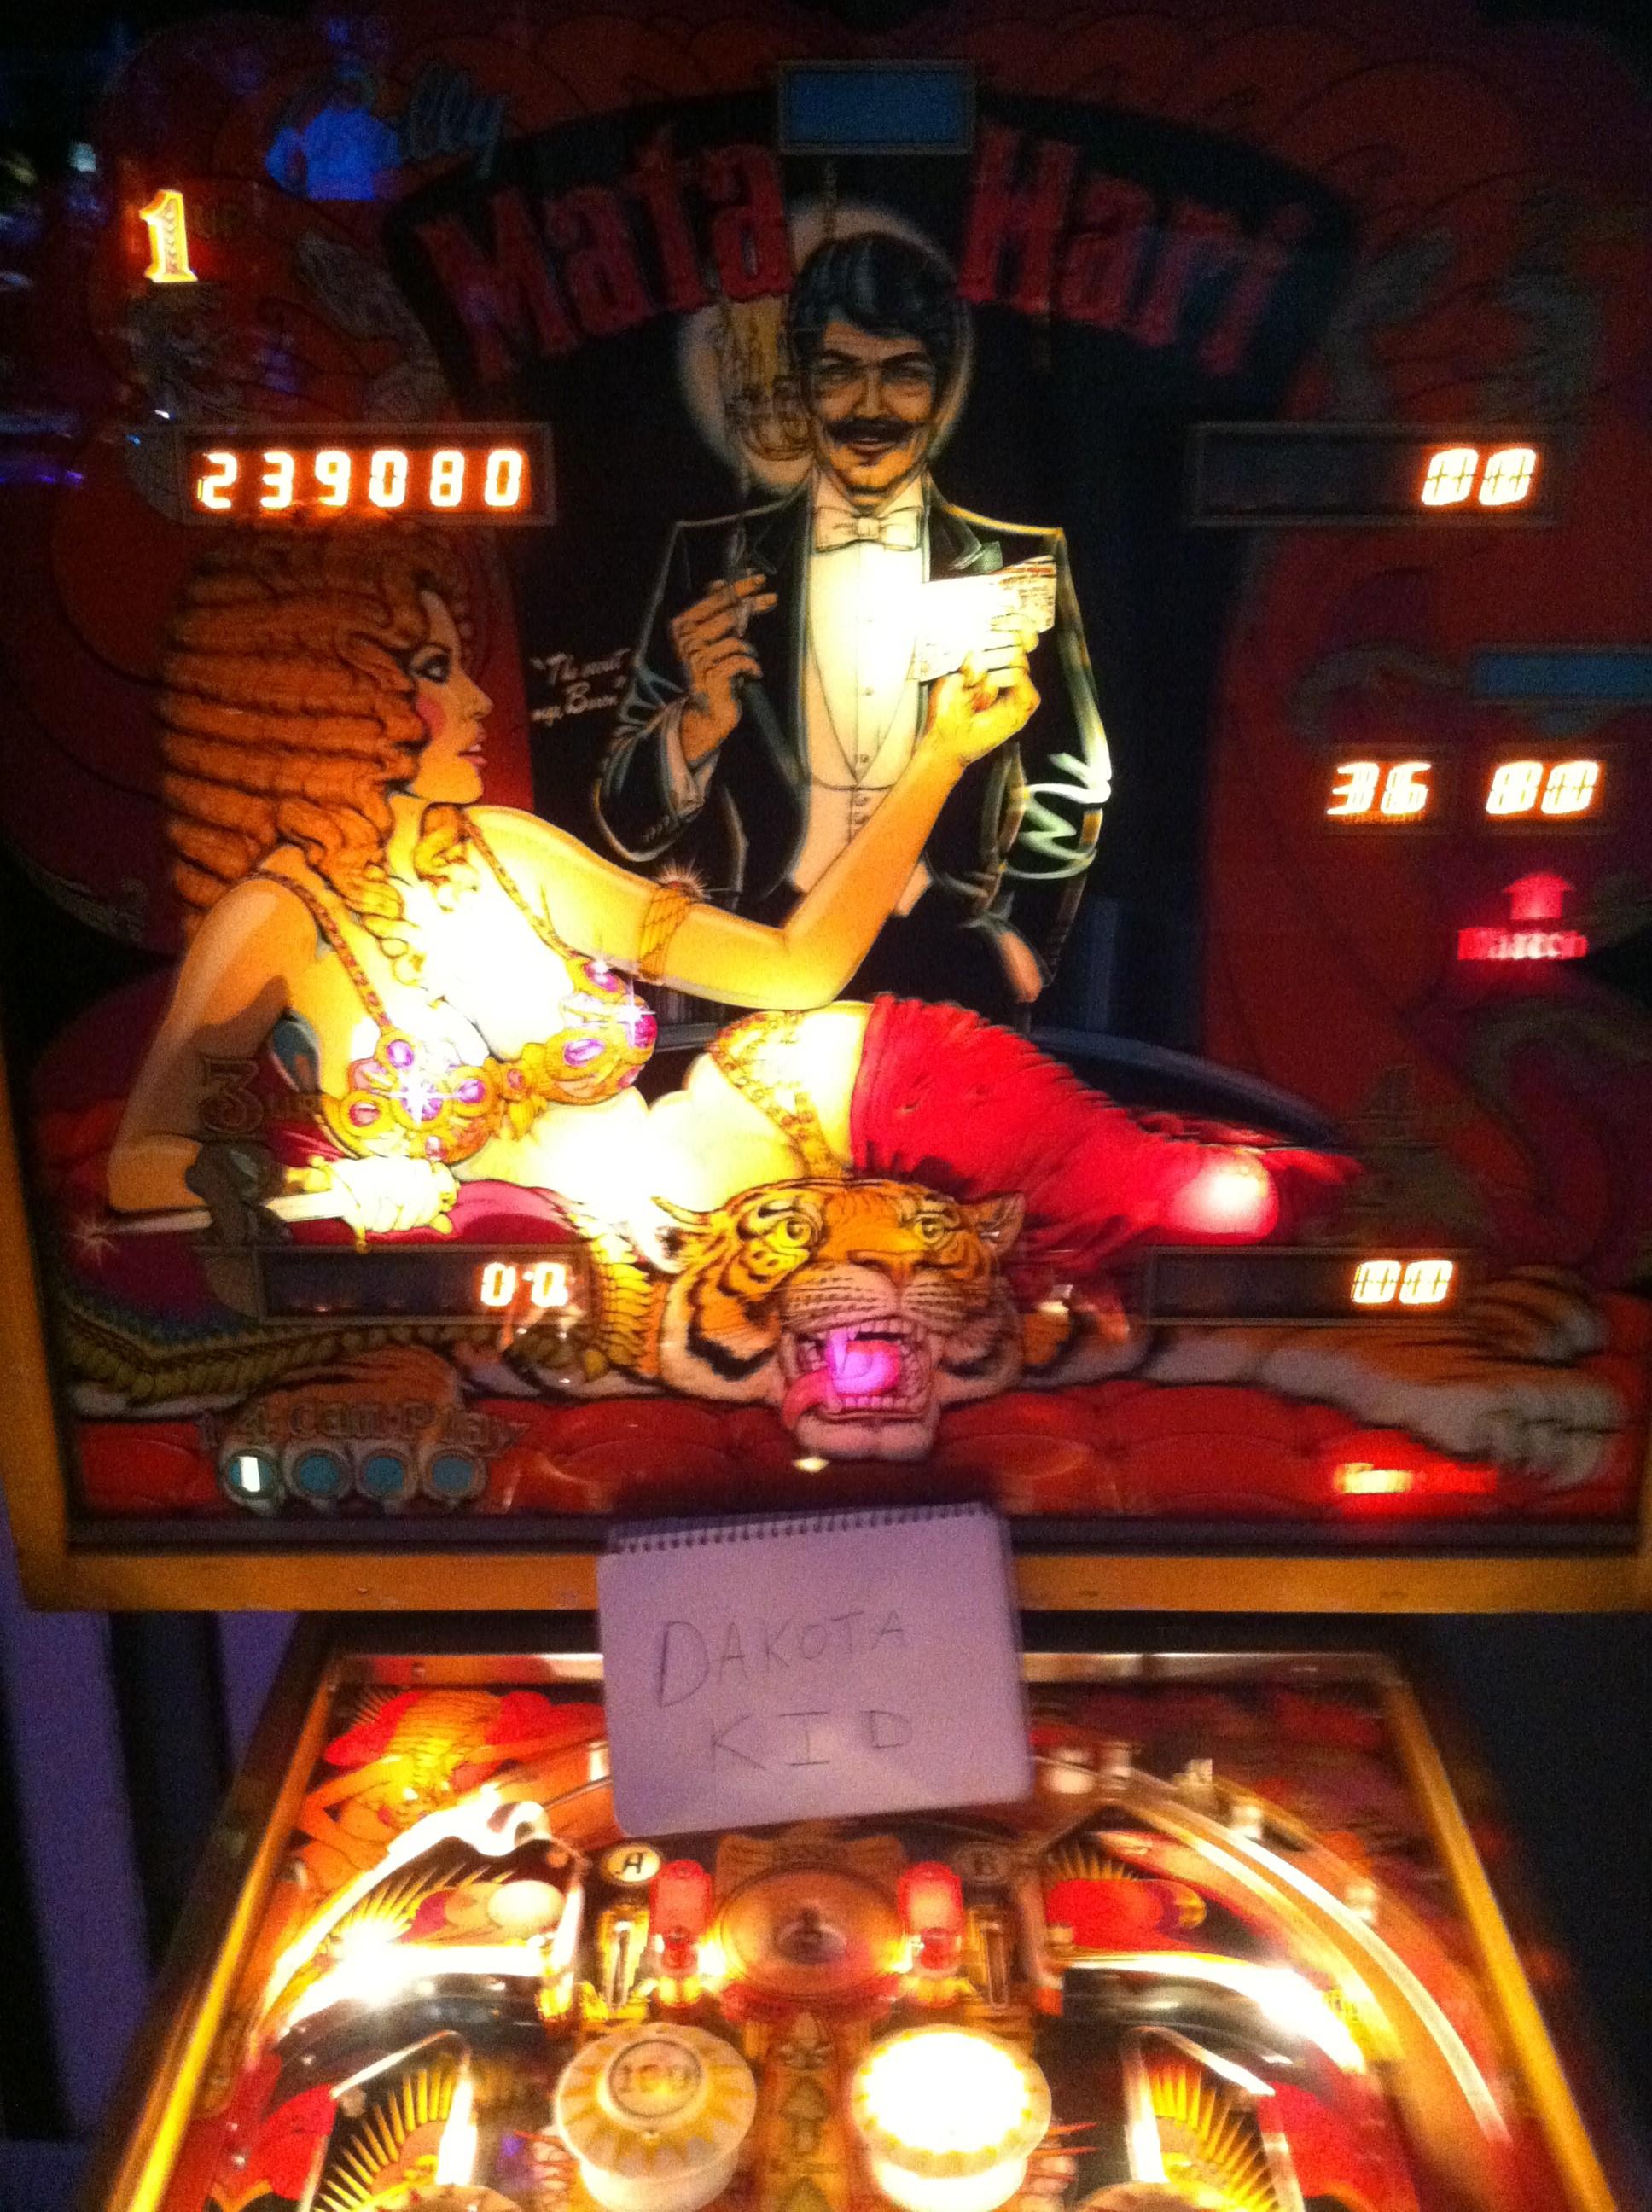 DakotaKid: Mata Hari (Pinball: 5 Balls) 239,080 points on 2018-10-11 19:58:11